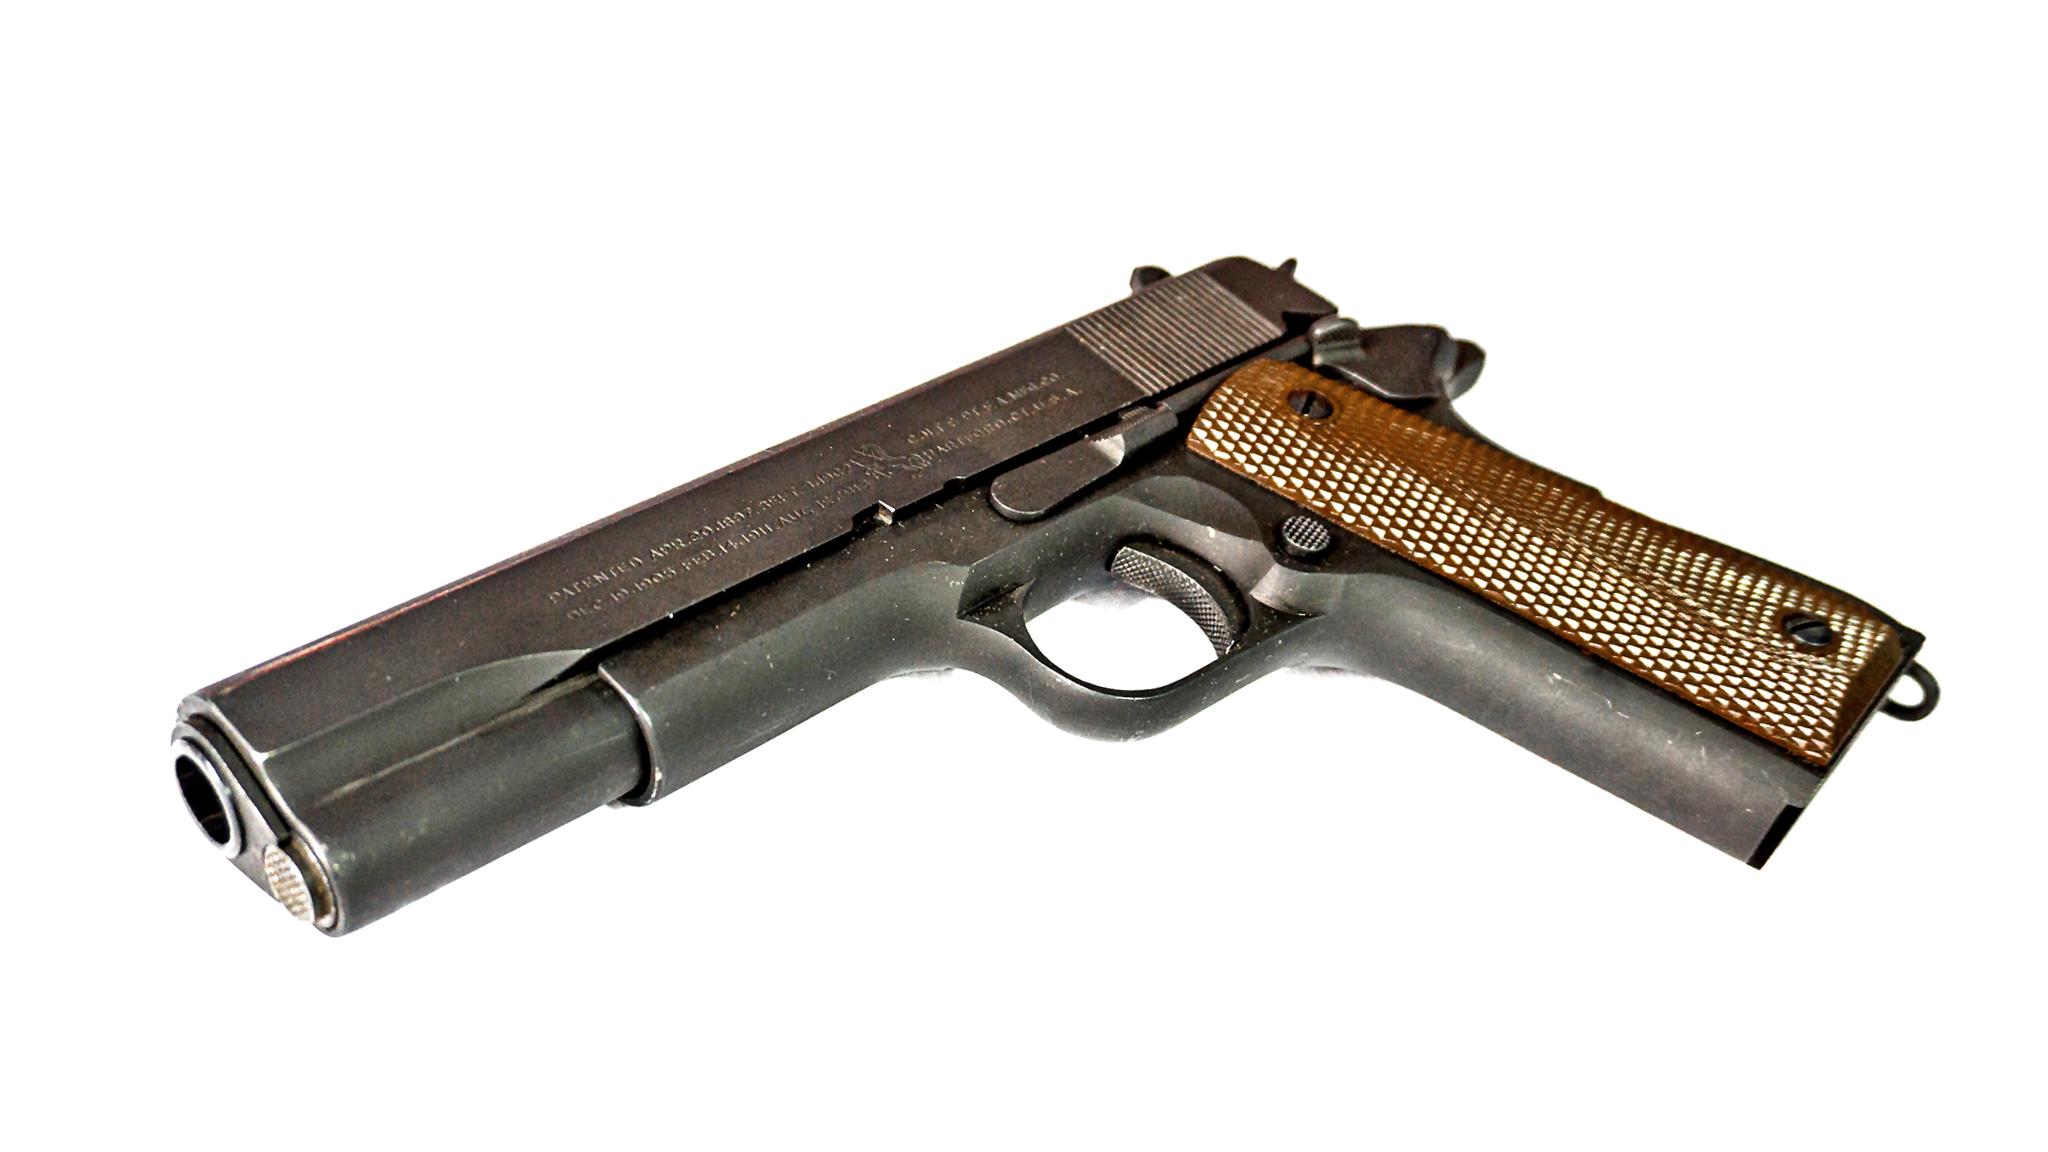 Numer seryjny pistoletu